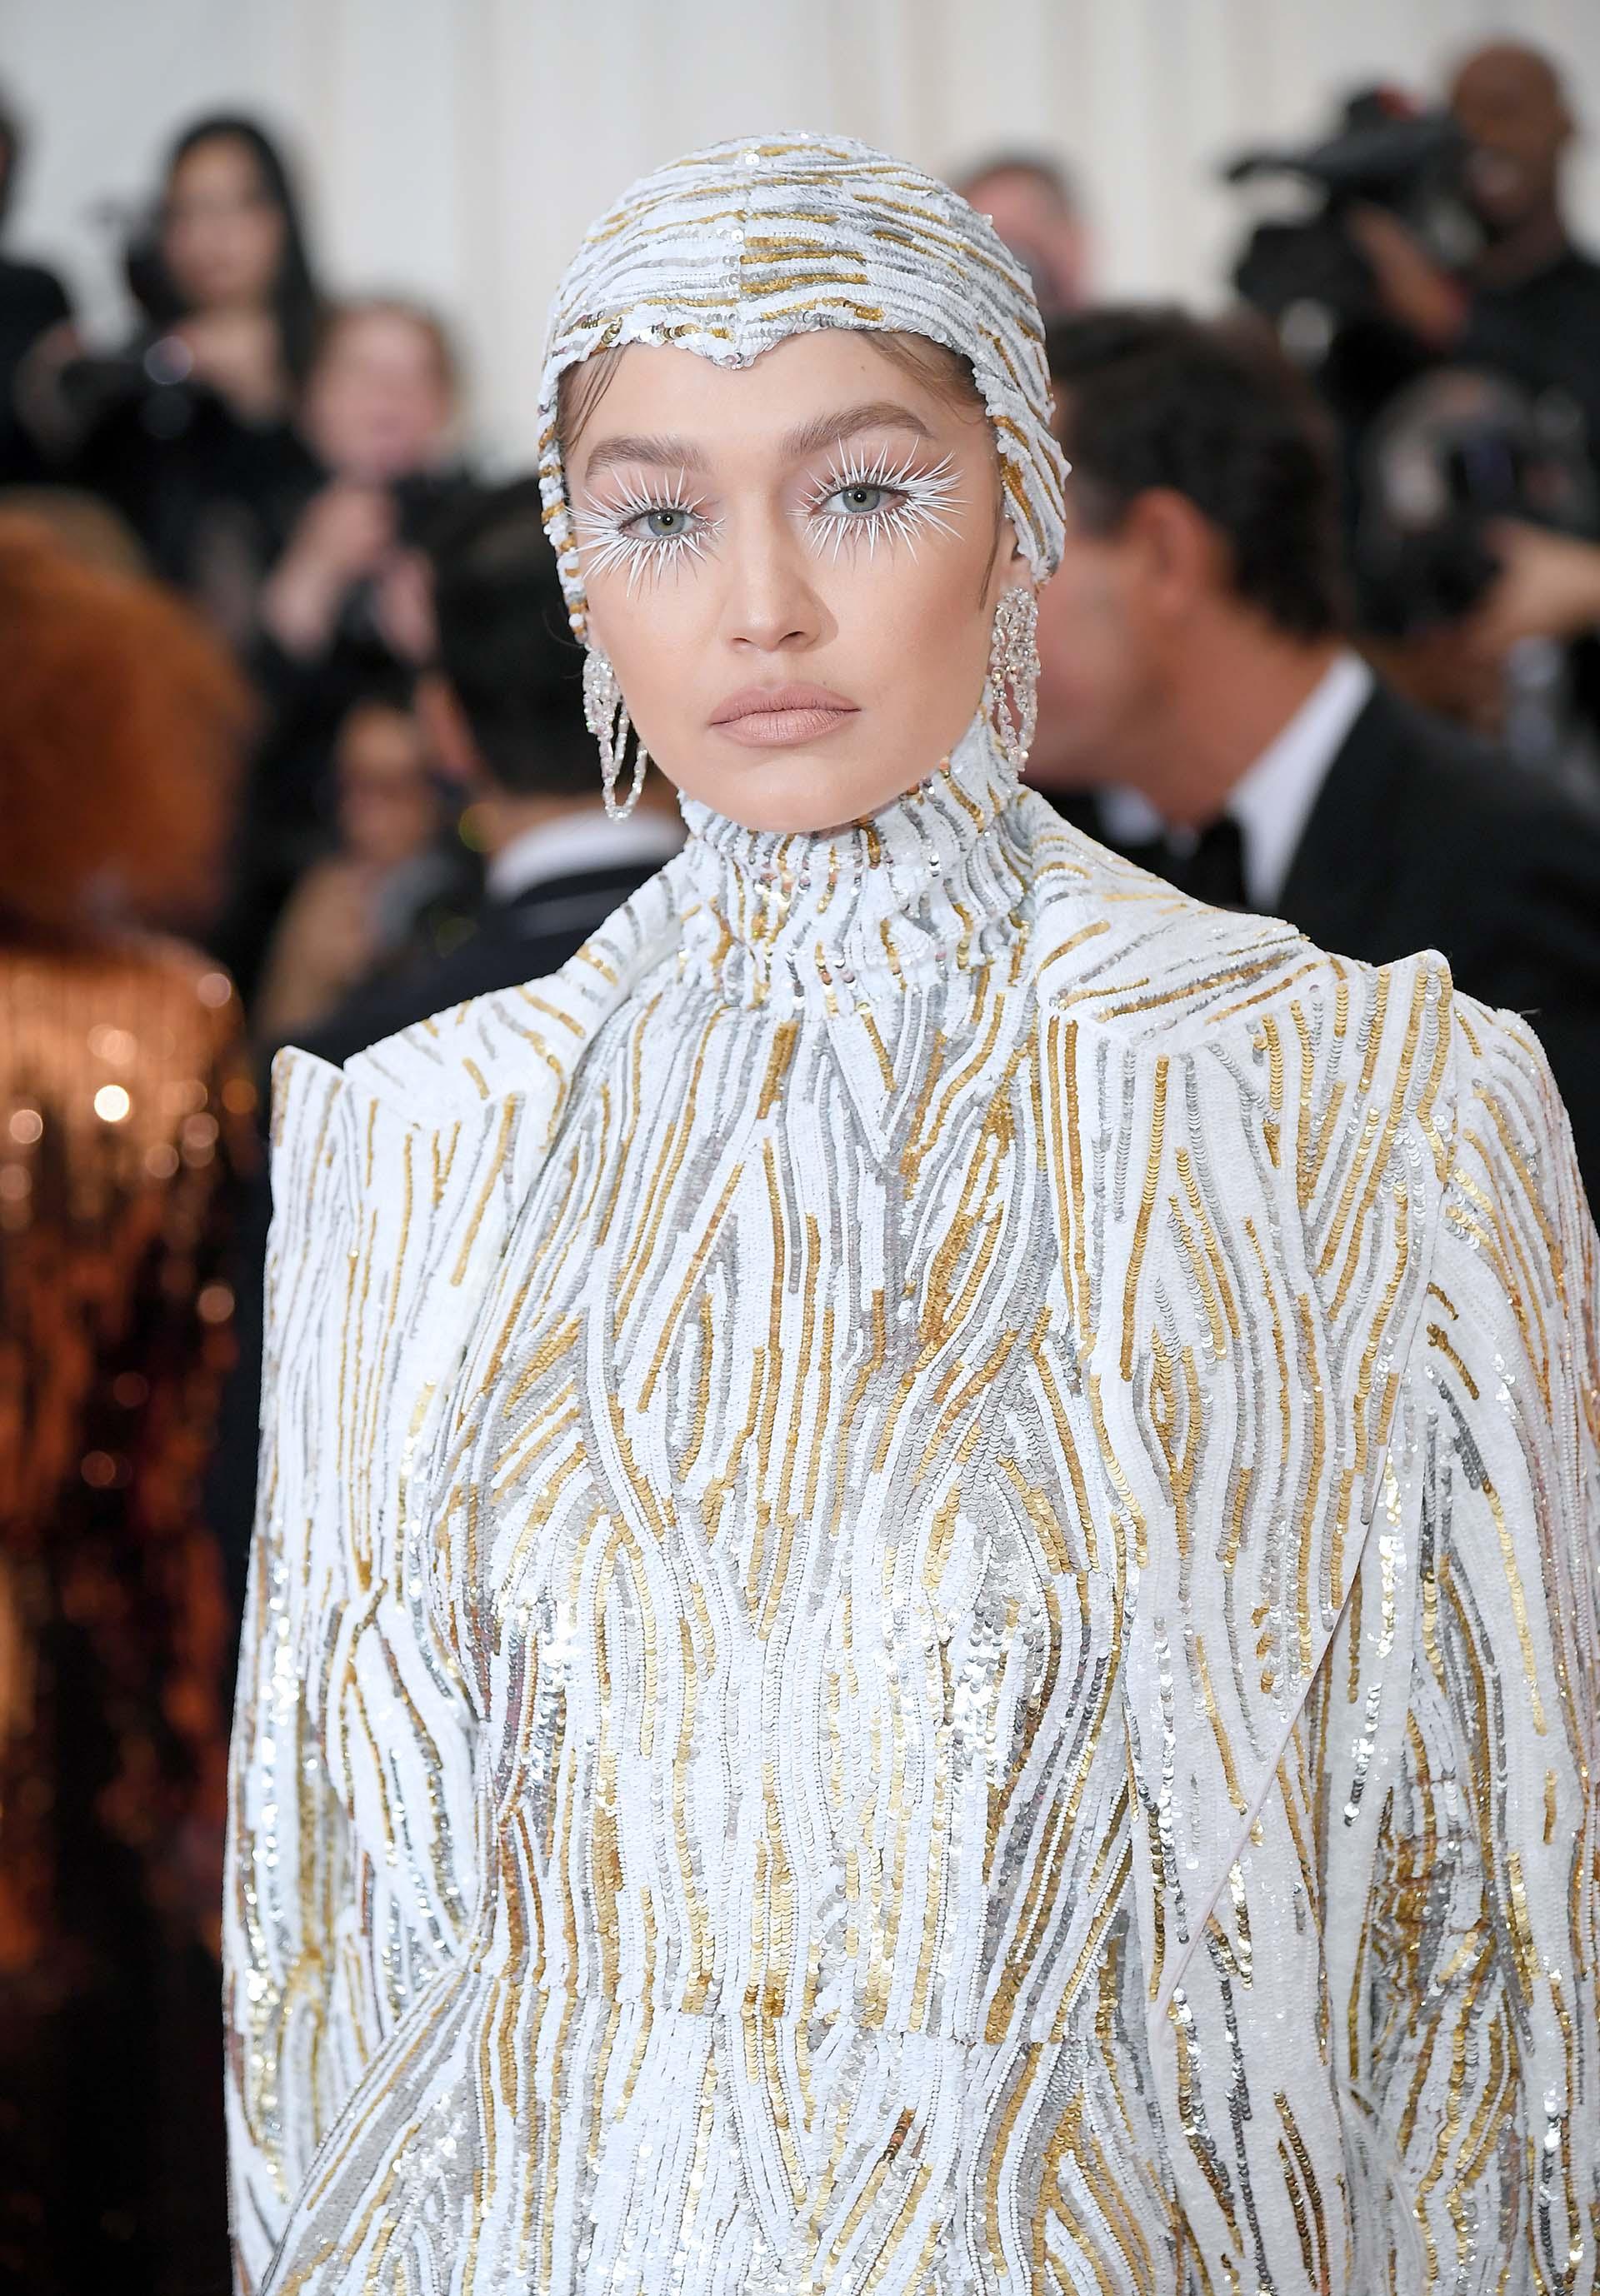 Blanco, dorado y plateado para la supermodelo Gigi Hadid. El diseñador Michael Kors fue quien ideó el conjunto de lentejuelas